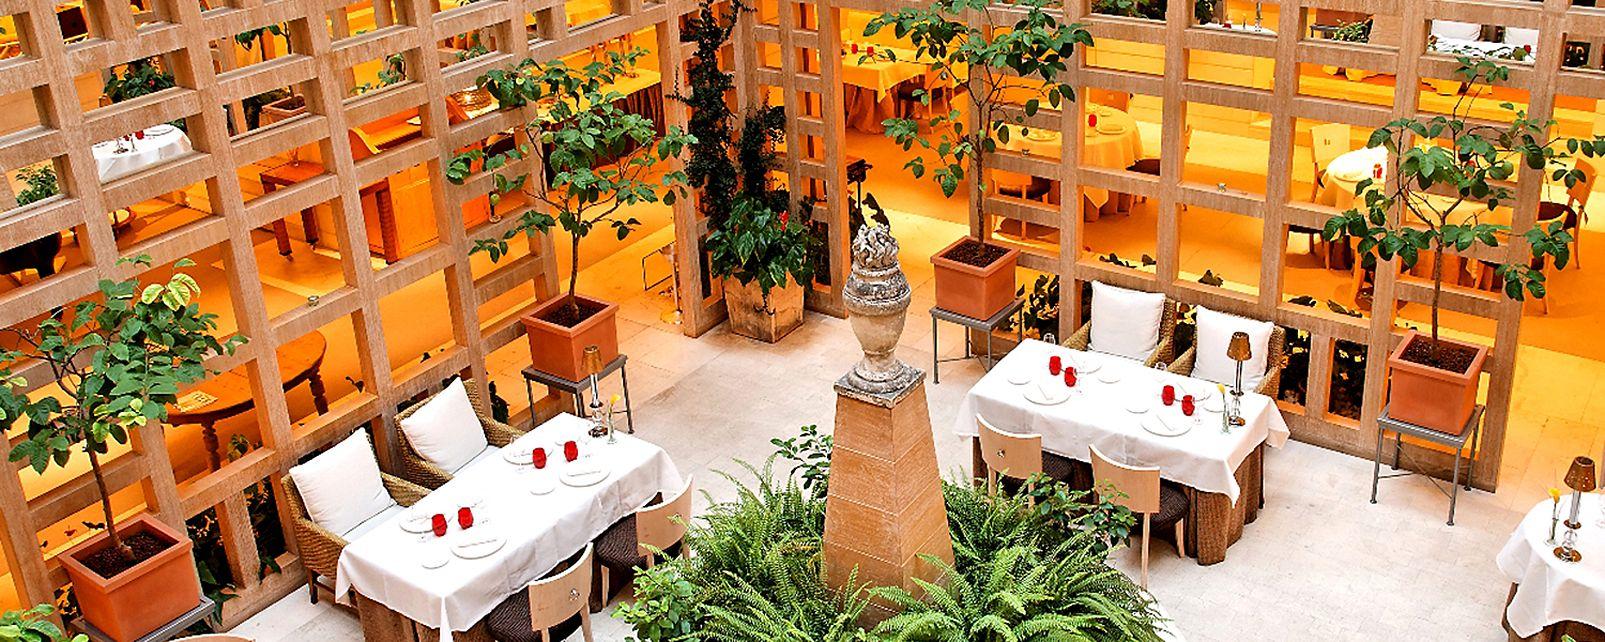 Hotel NH Hesperia Madrid